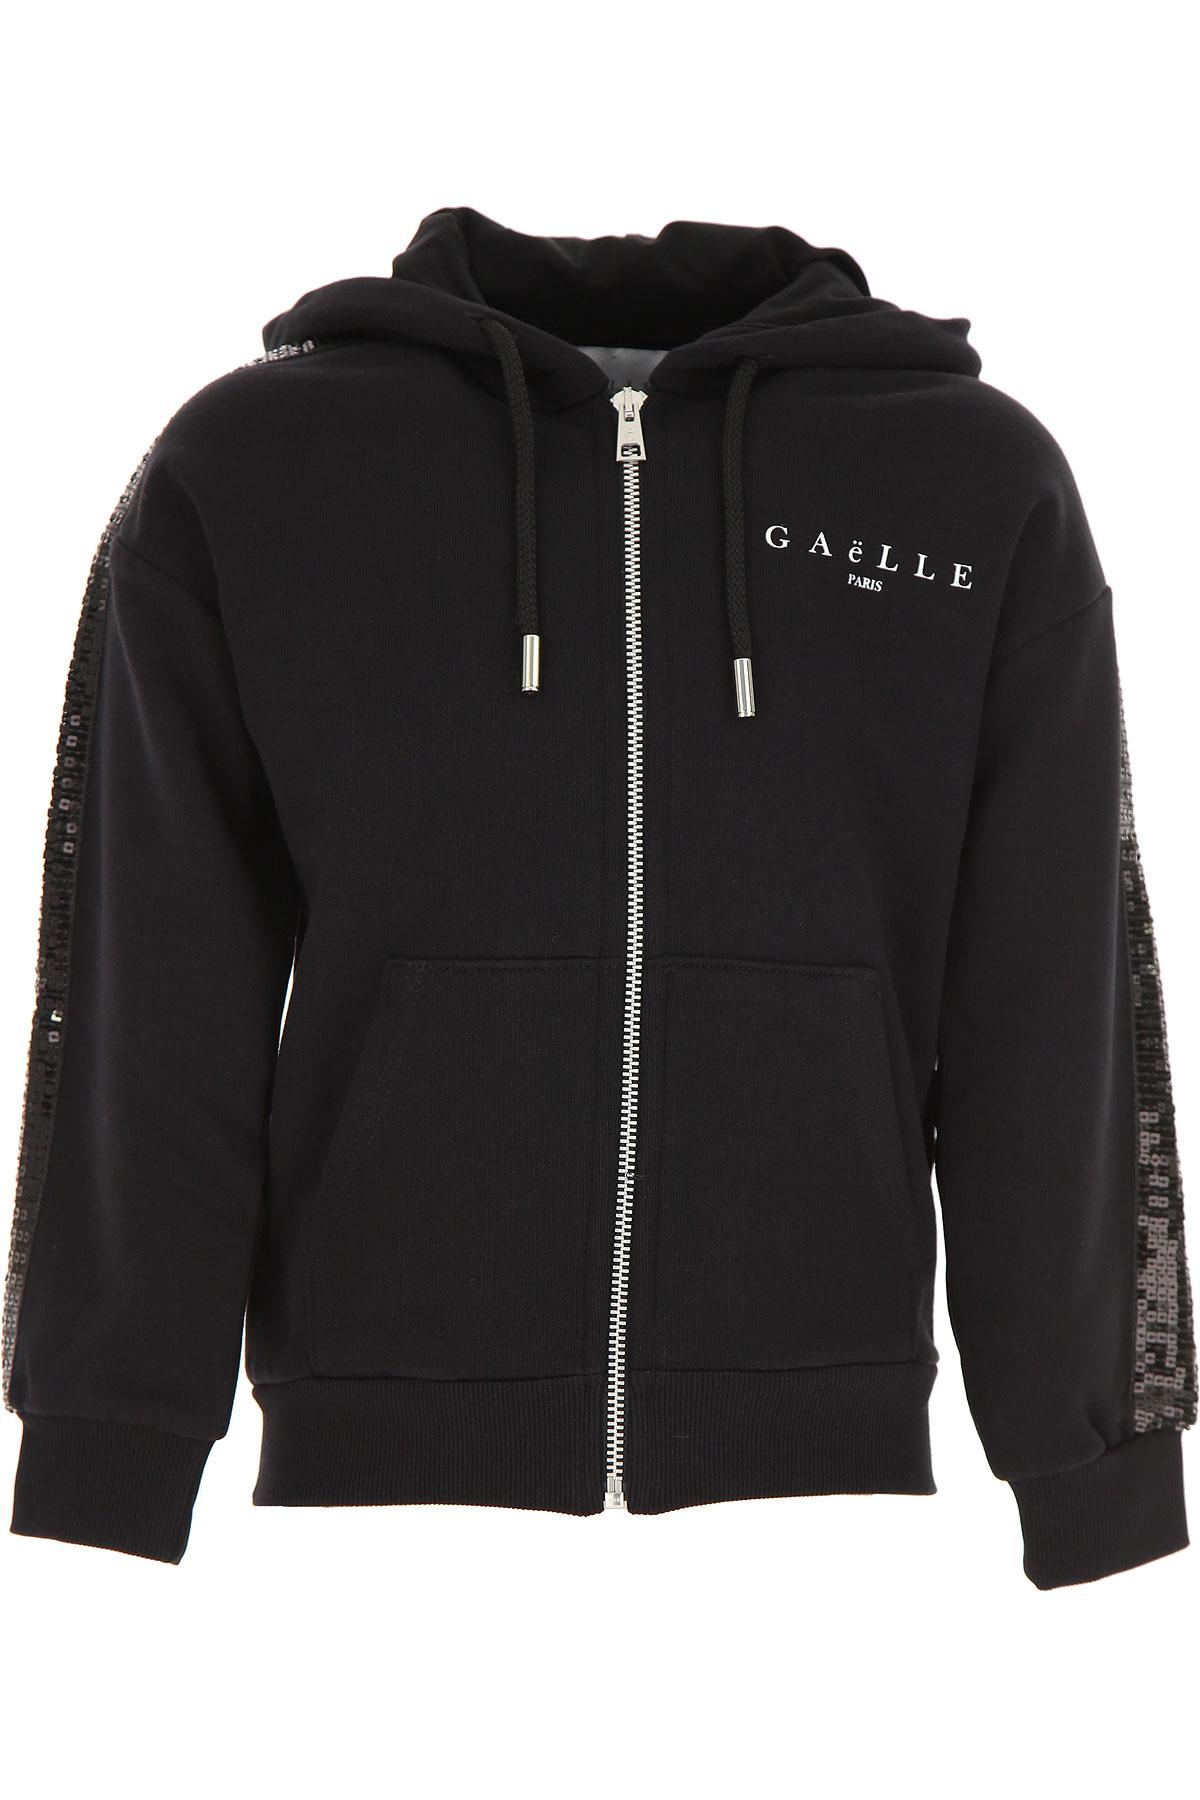 Gaelle Kids Sweatshirts & Hoodies for Girls On Sale, Black, Cotton, 2019, 12Y 14Y 16Y